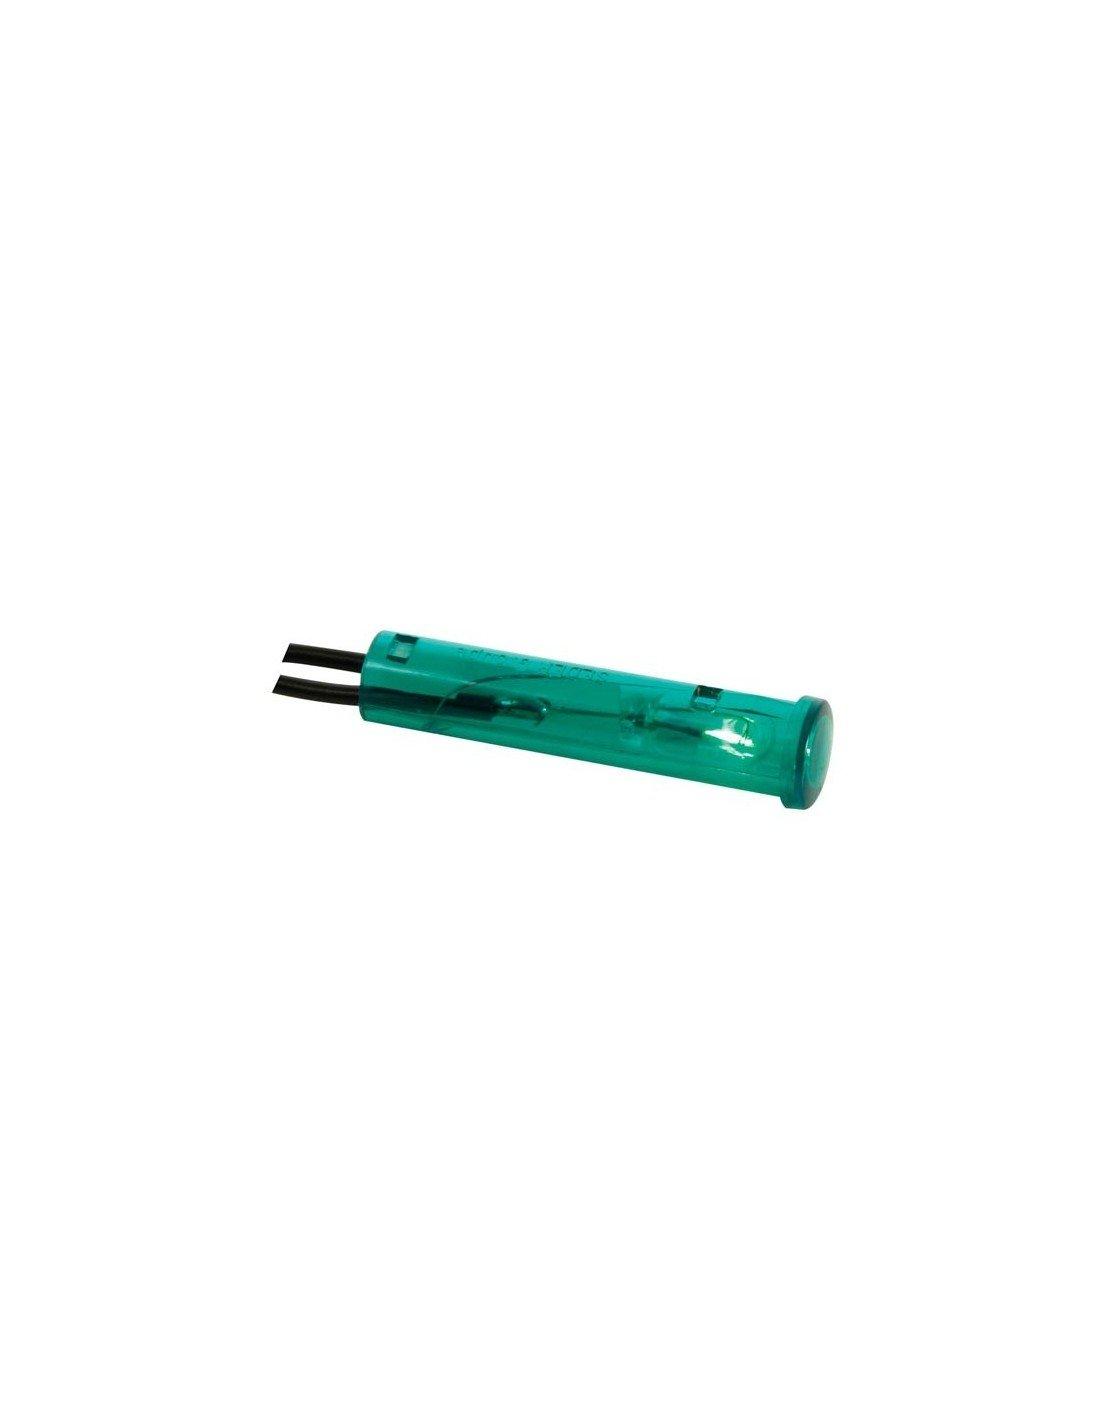 VS Electronic 124035 Signalleuchte, 7 mm, 220VAC, Grü n VS Electronic Vertriebs GmbH